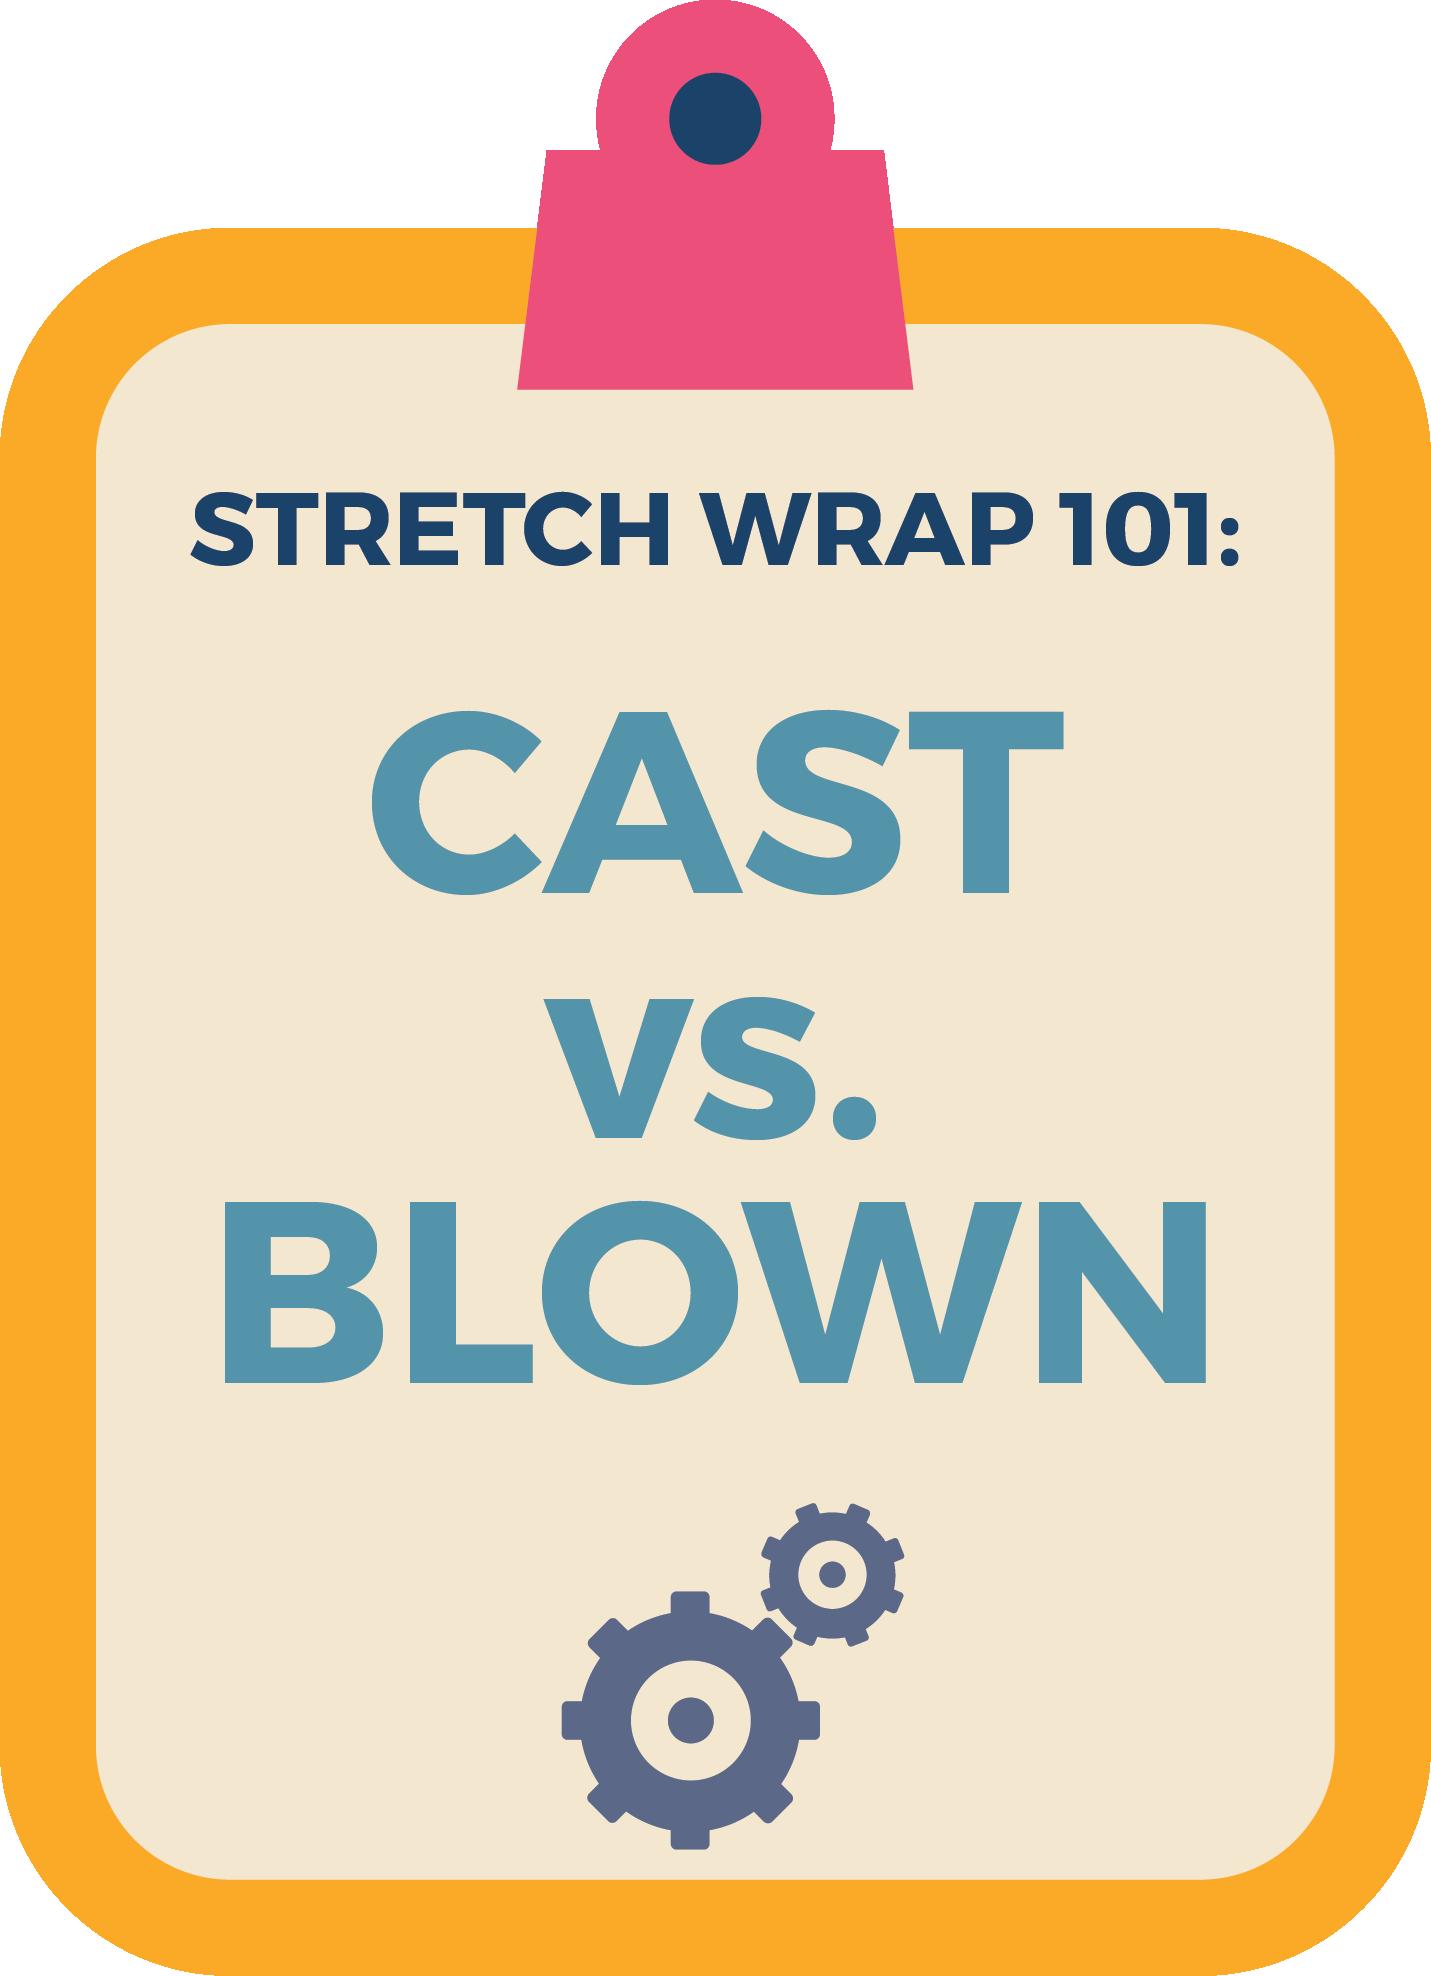 stretch-wrap-101-cast-blown-wrap